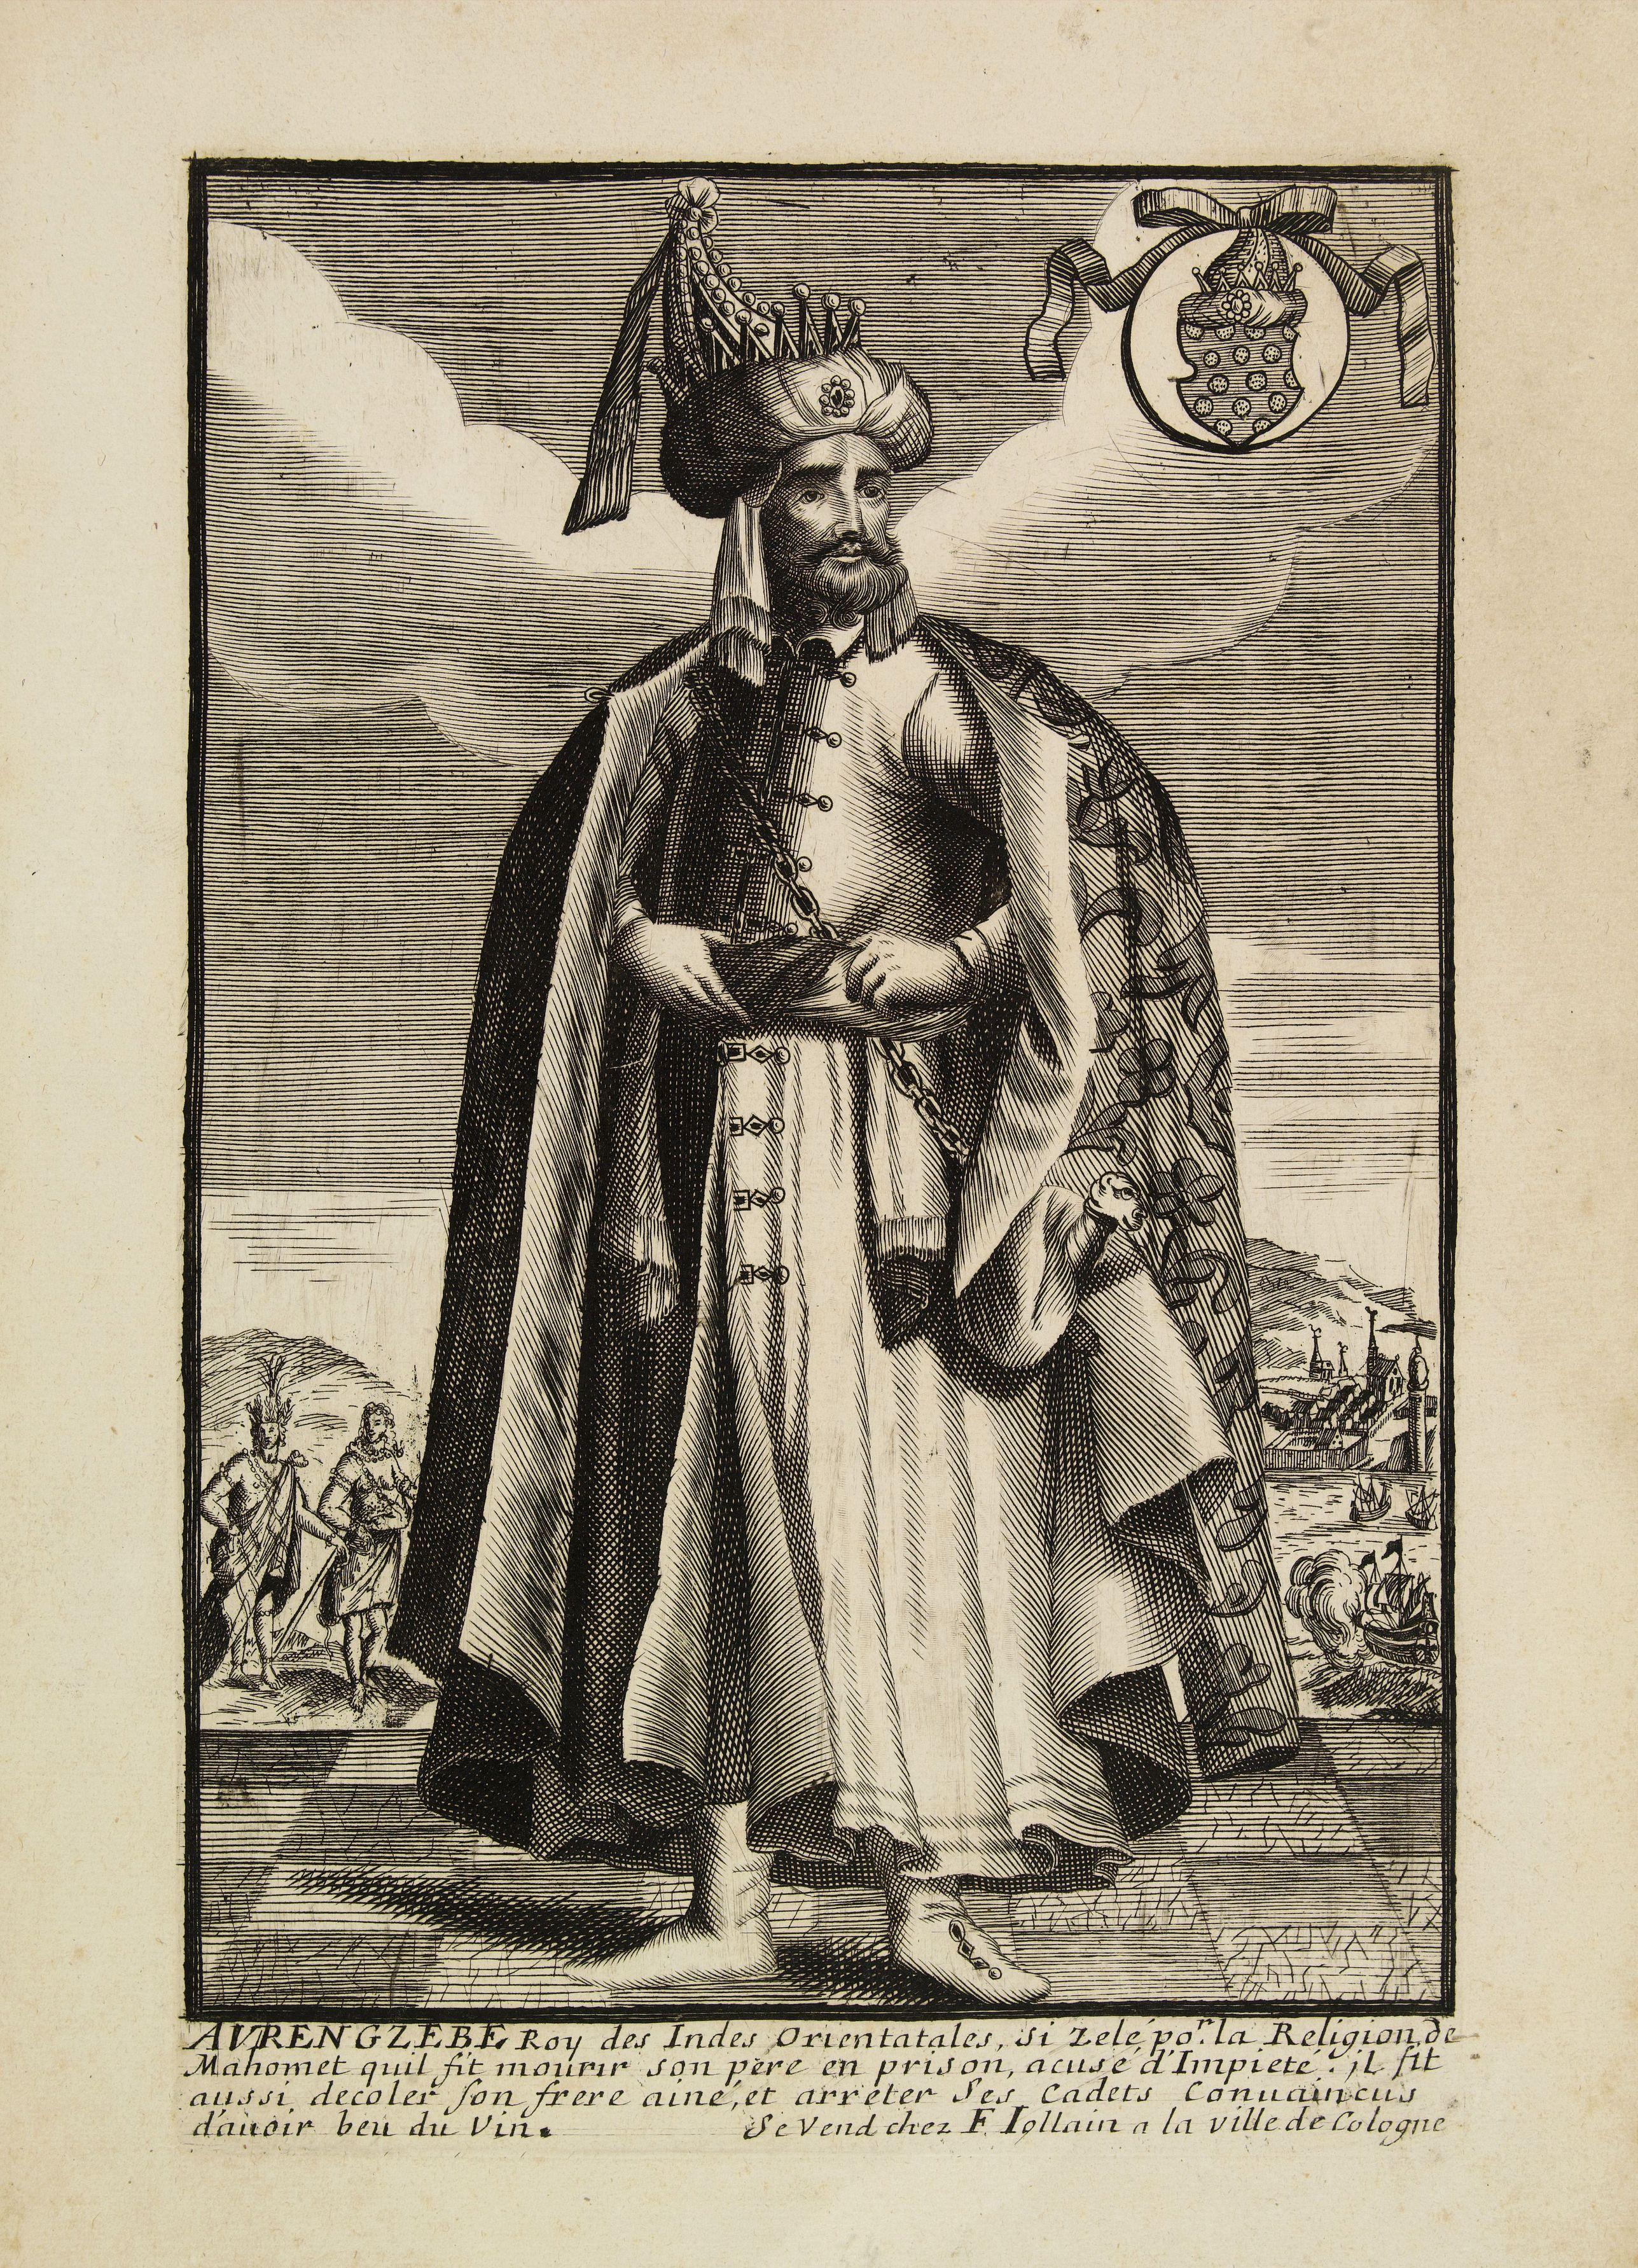 JOLLAIN, F. -  Avrengzebe Roy des Indes Orientales, si zelé po.r. la Religion de Mahomet ..